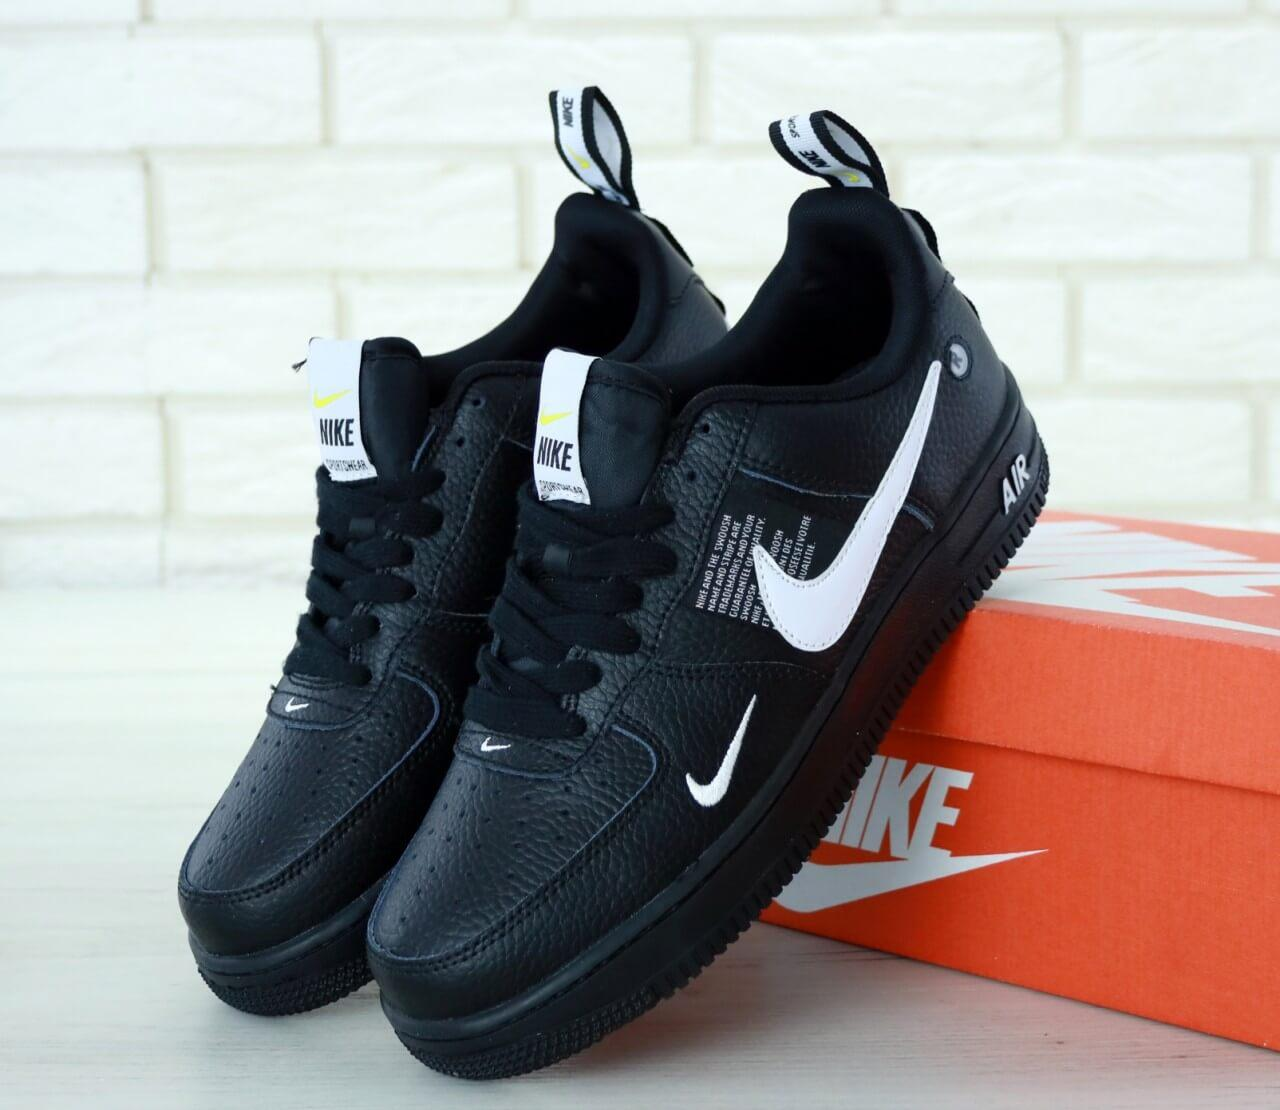 579d01c4 ☑Модные мужские кроссовки Nike Air Force 1 07 LV8 Utility купить в ...